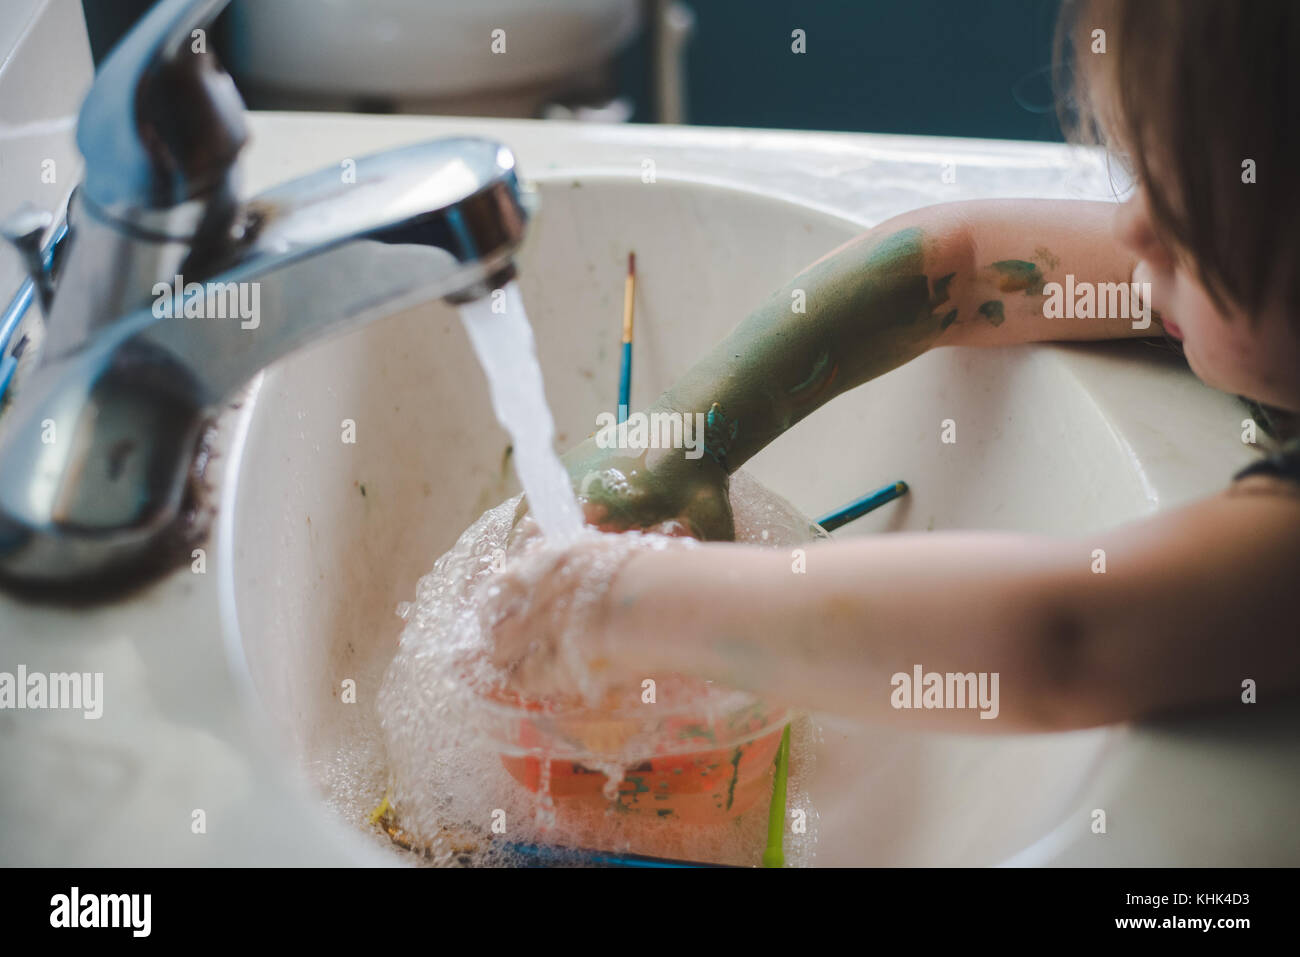 Un niño niña pintura lavado las manos en un lavabo del baño. Foto de stock